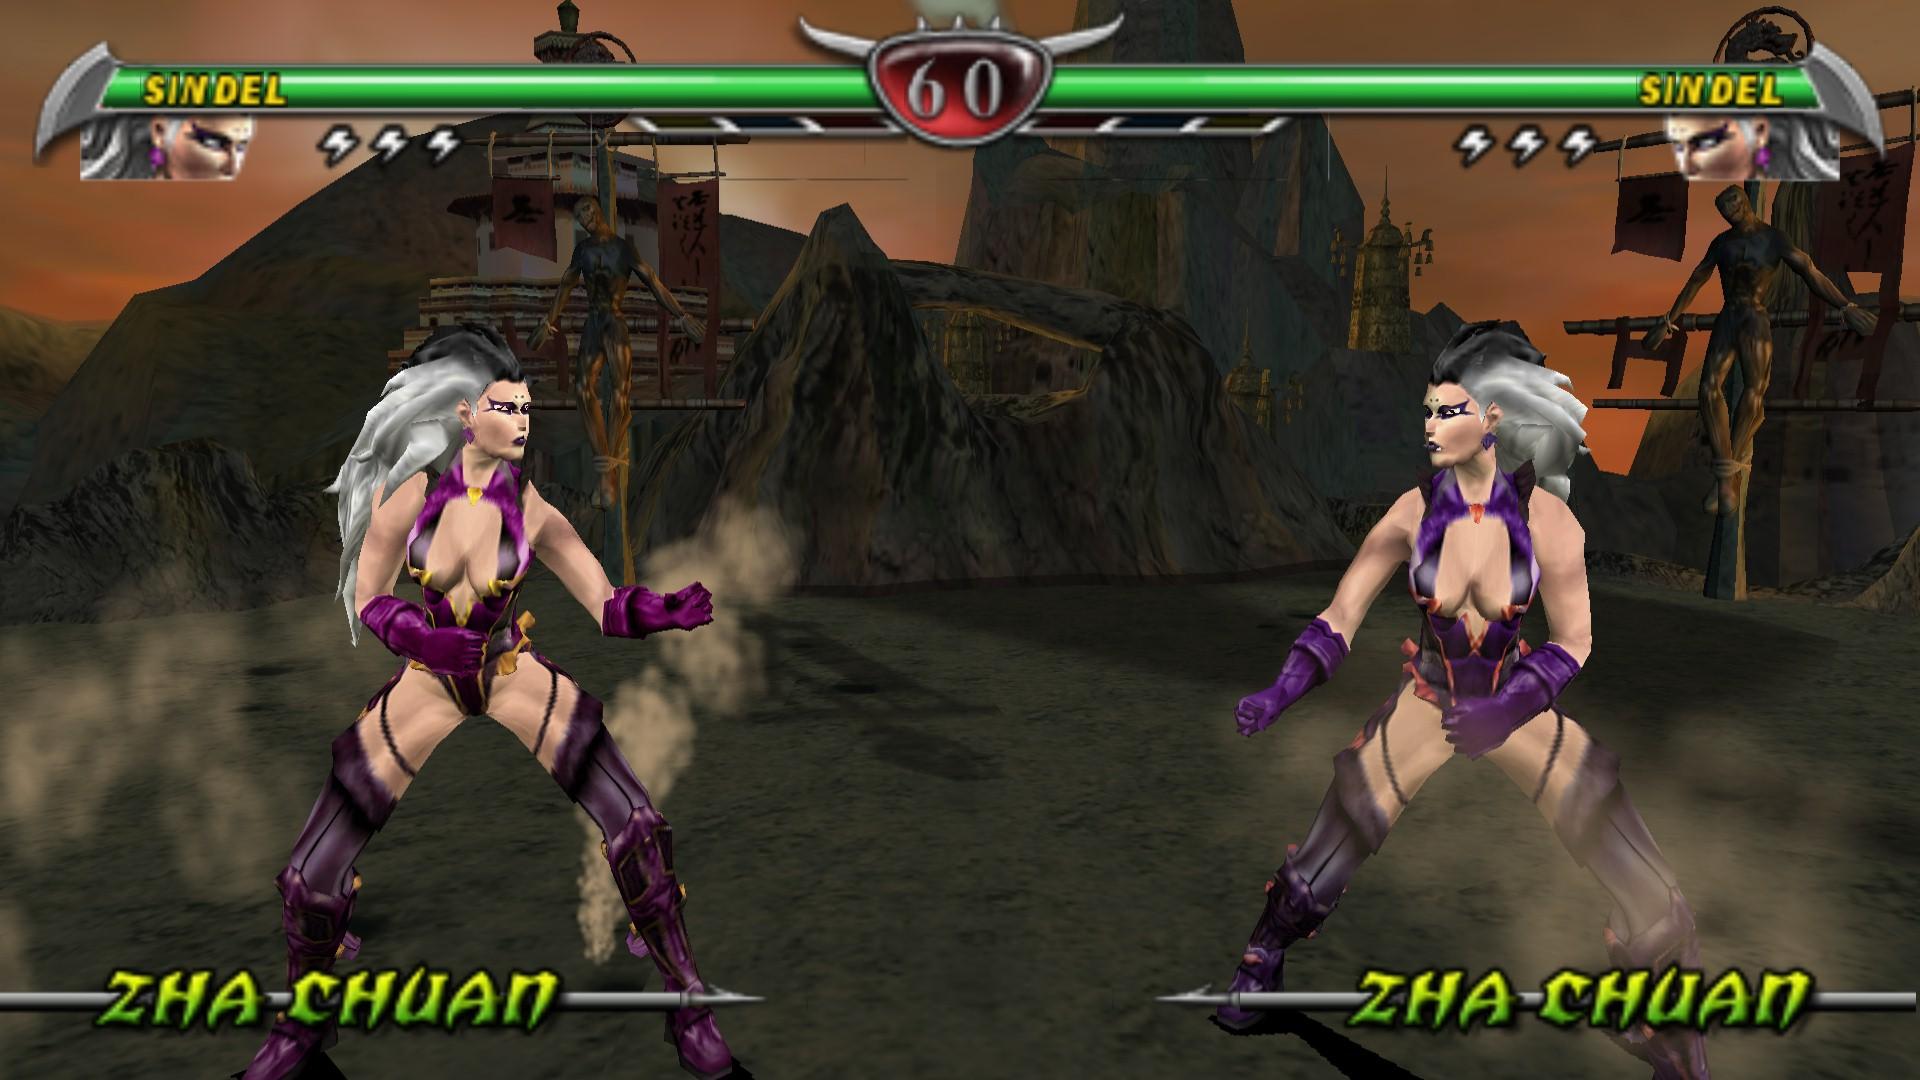 download free pc game mortal kombat deception full version